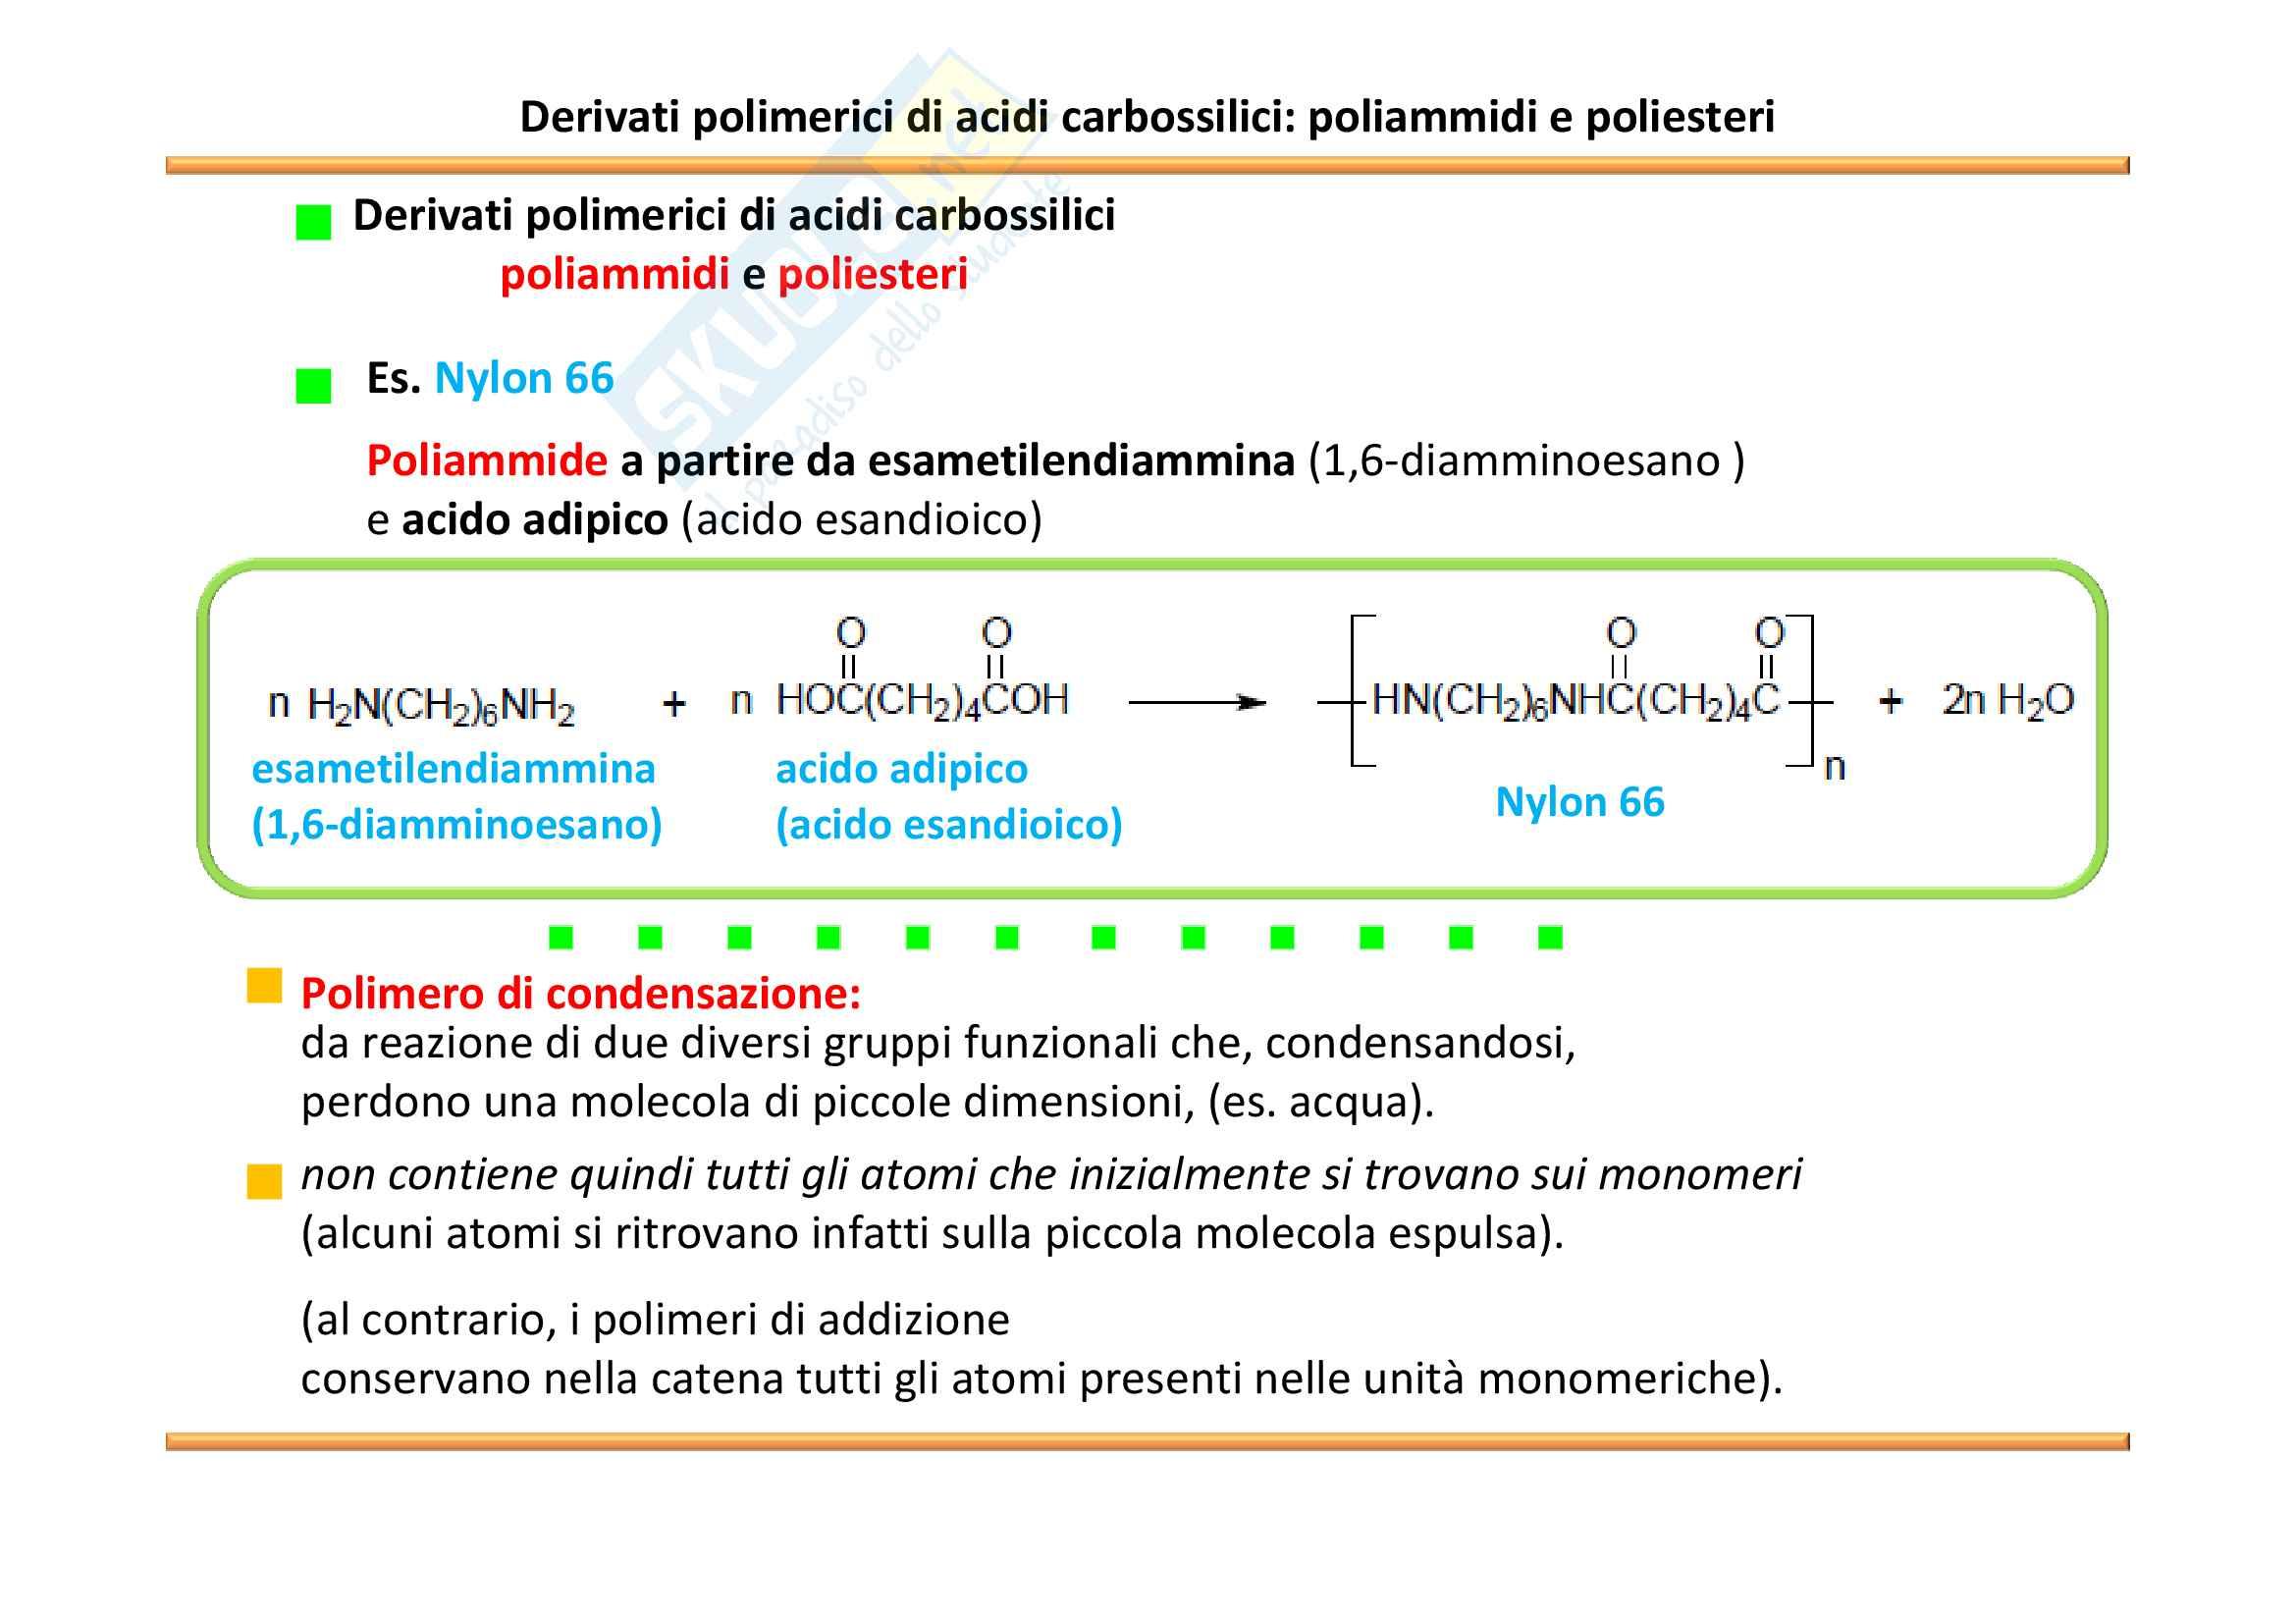 Chimica Organica: Acidi carbossilici e derivati Pag. 46